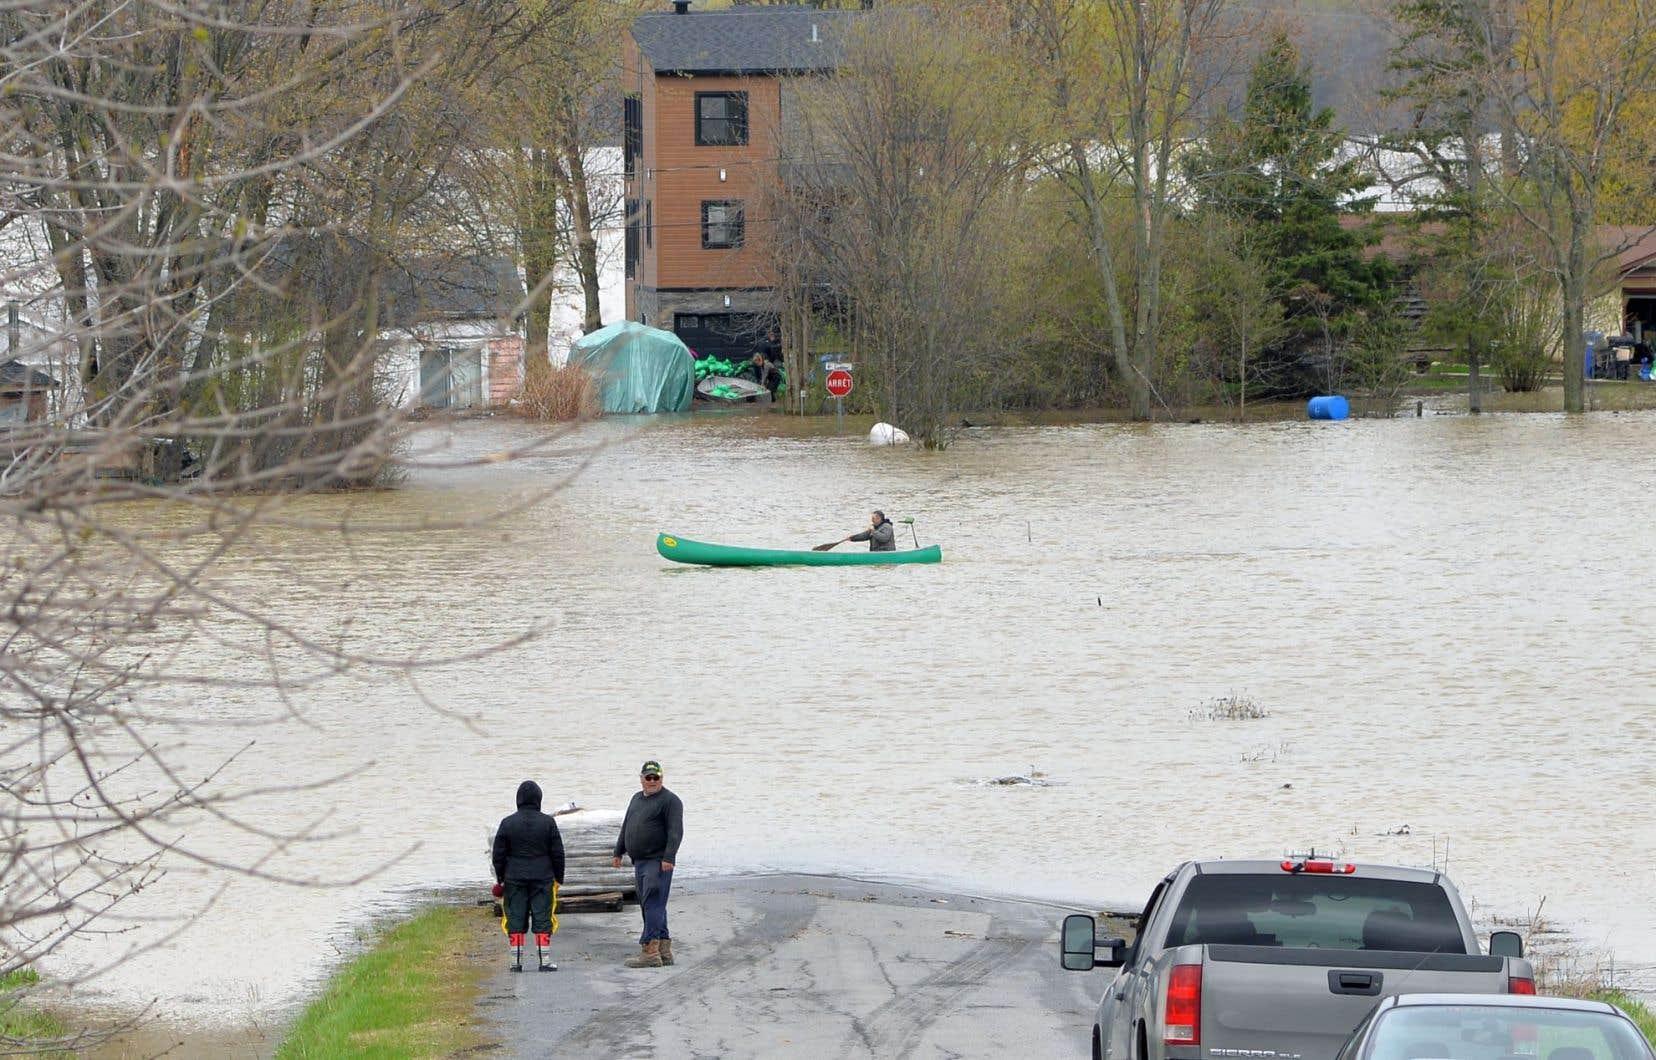 Québec convient qu'il faudra ensuite entamer une « réflexion à long terme » afin d'actualiser la cartographie en tenant compte des changements climatiques.